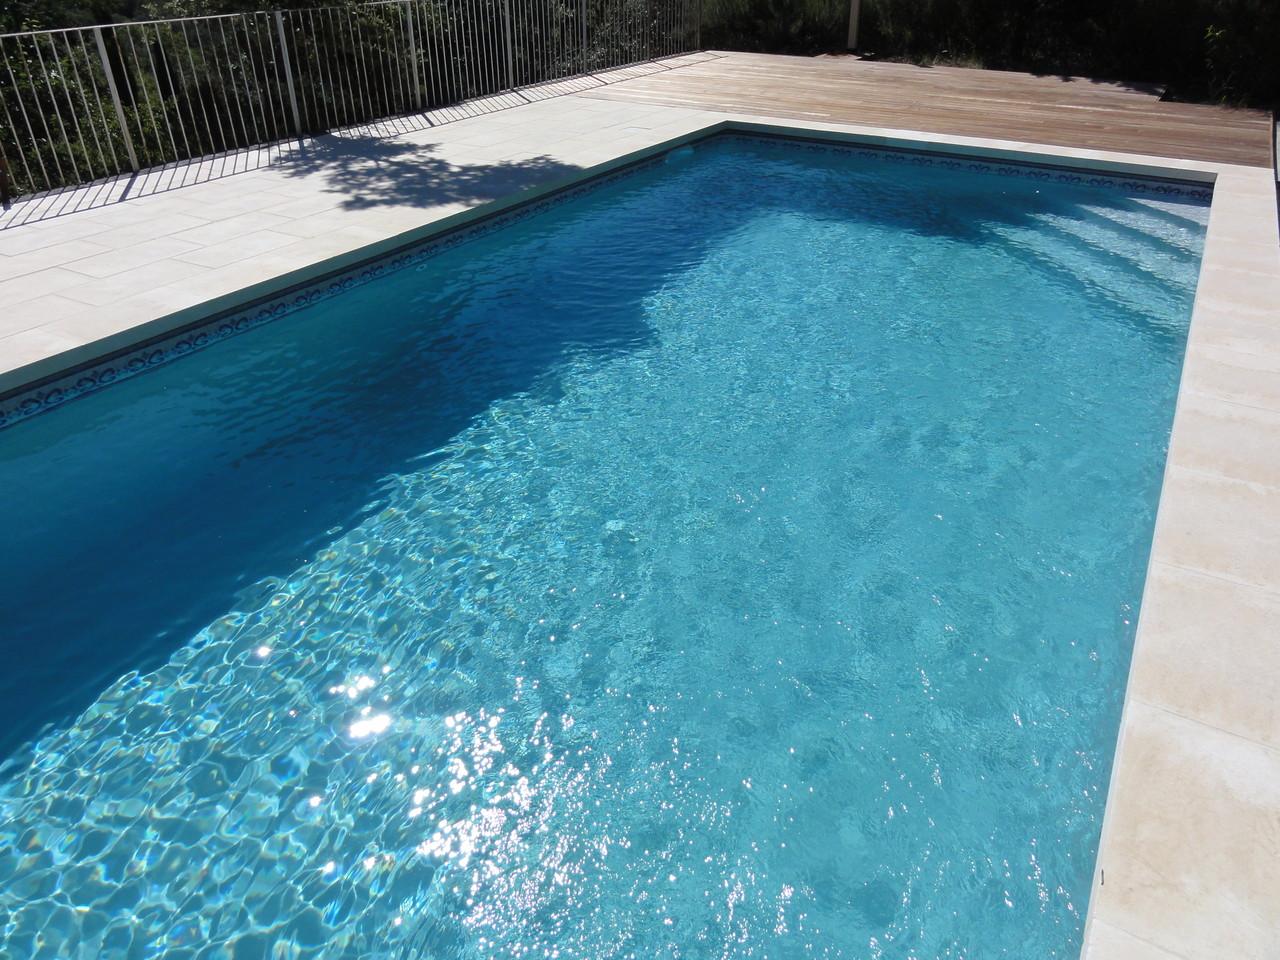 Piscines aluminium alpilles luberon piscines Piscine entretien